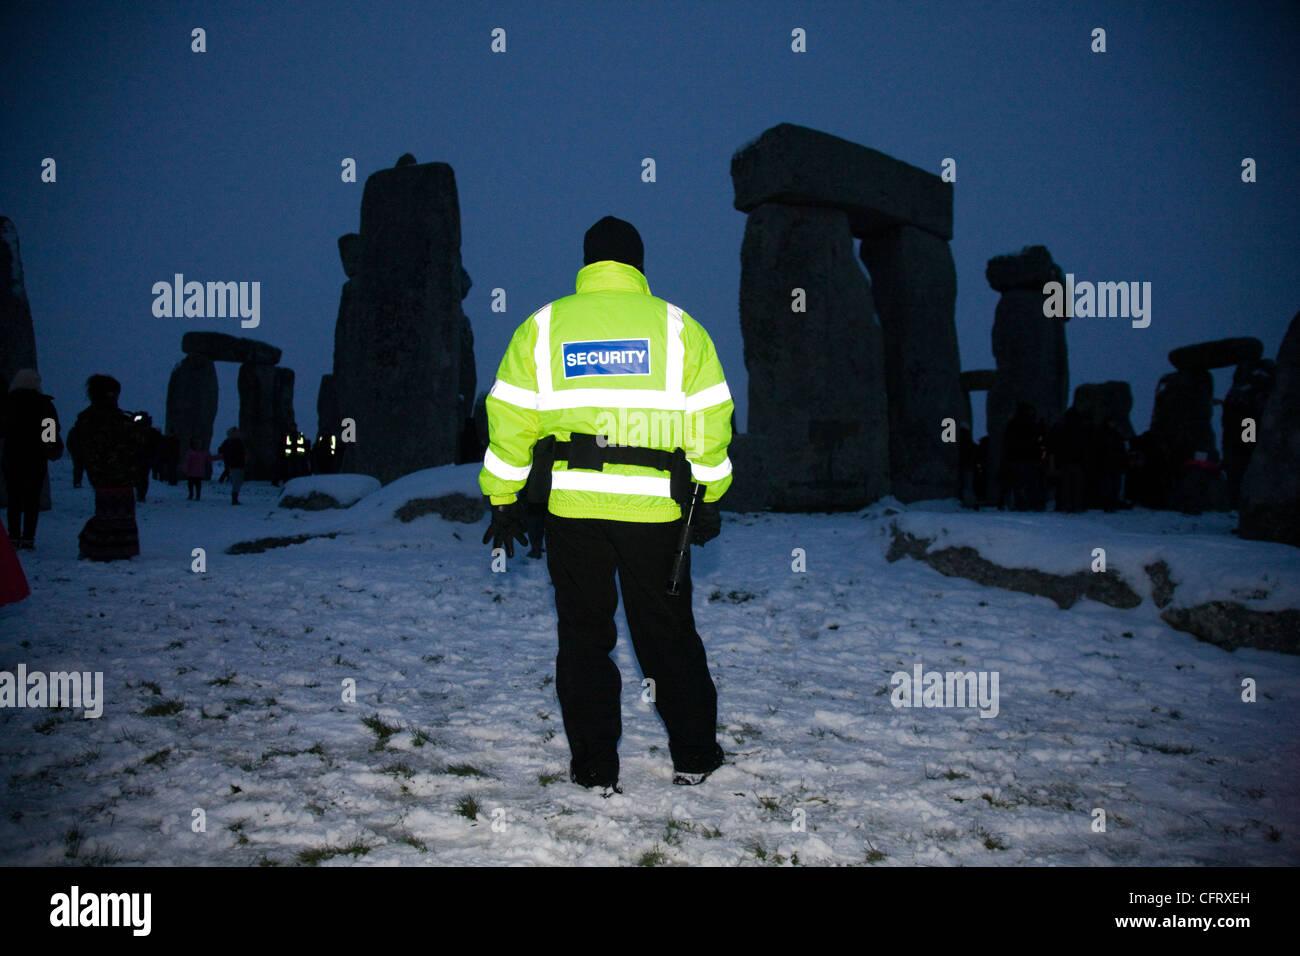 L'homme sécurité gardiennage Stonehenge lors du solstice d'hiver Photo Stock